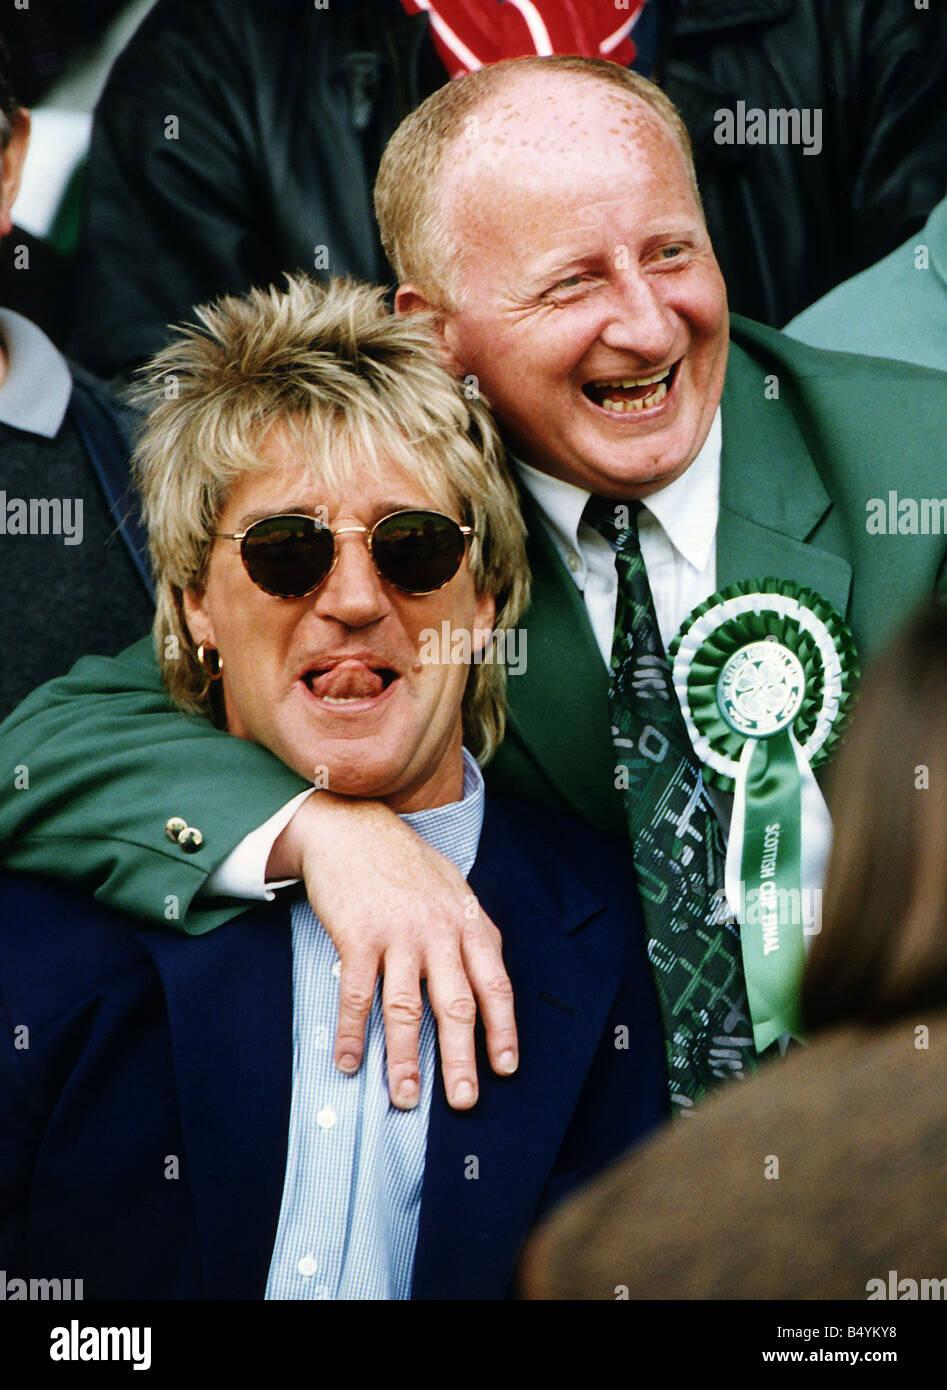 Jimmy Johnstone footballer with arm around singer Rod Stewart